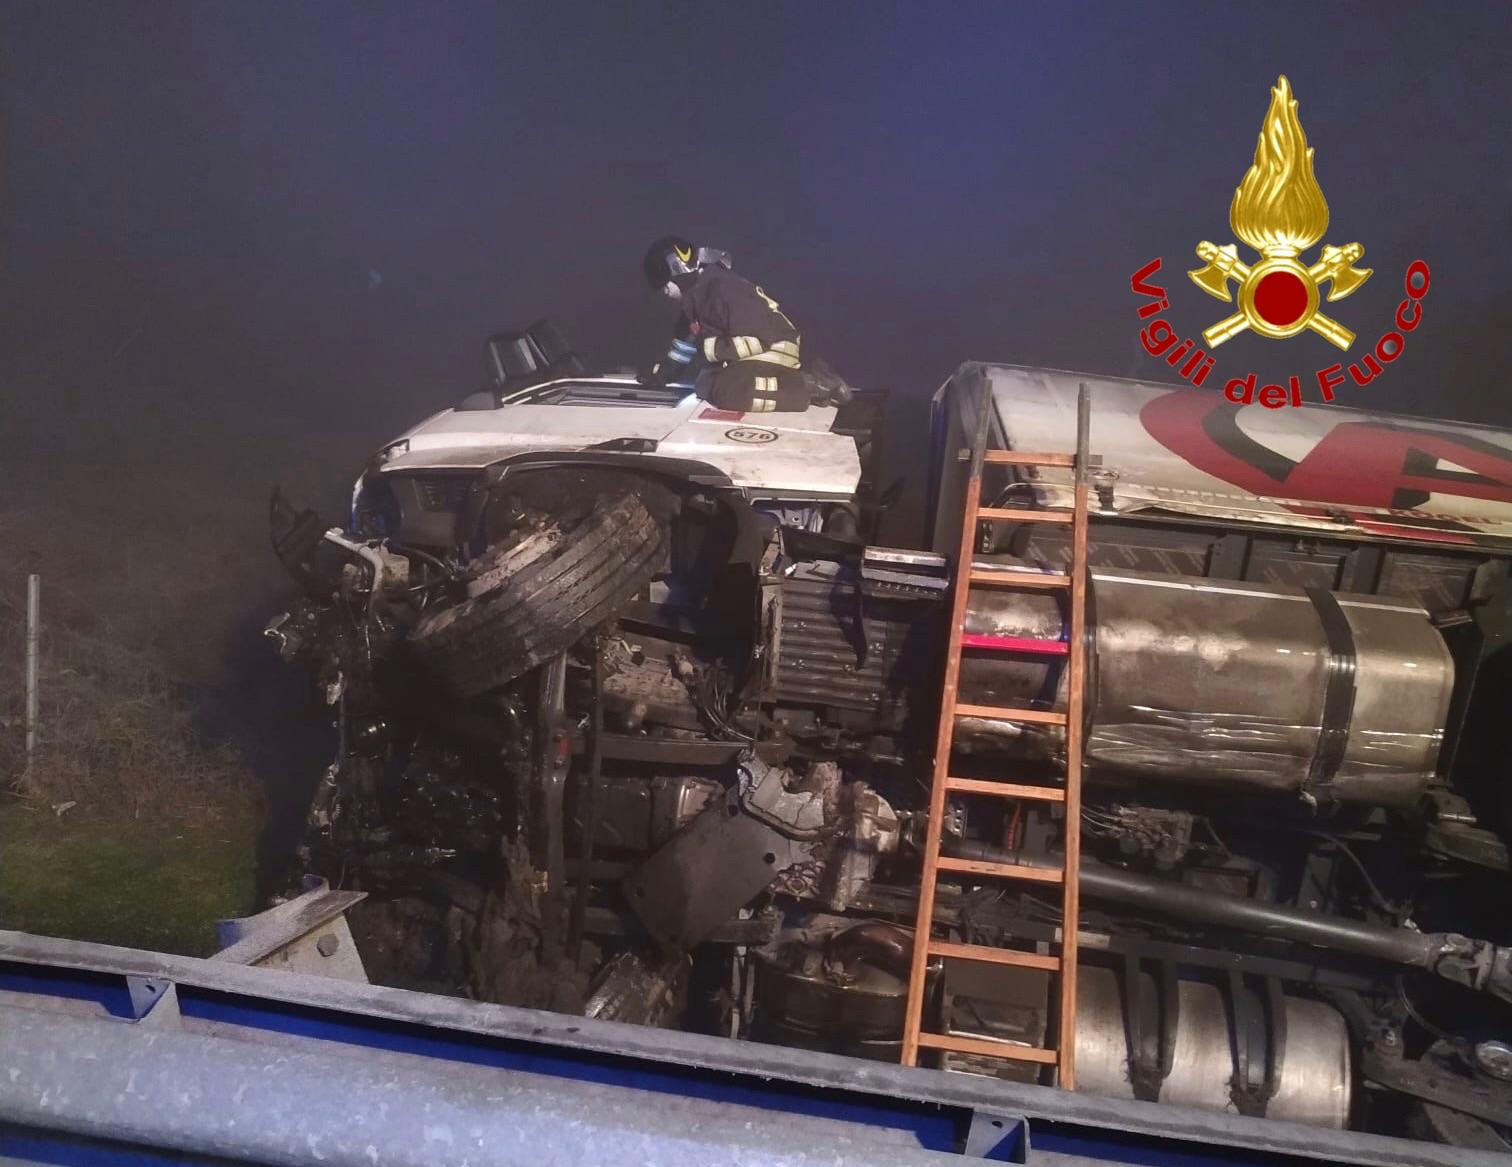 Camion Melegnano - Camion si ribalta a Melegnano 19/01/2021